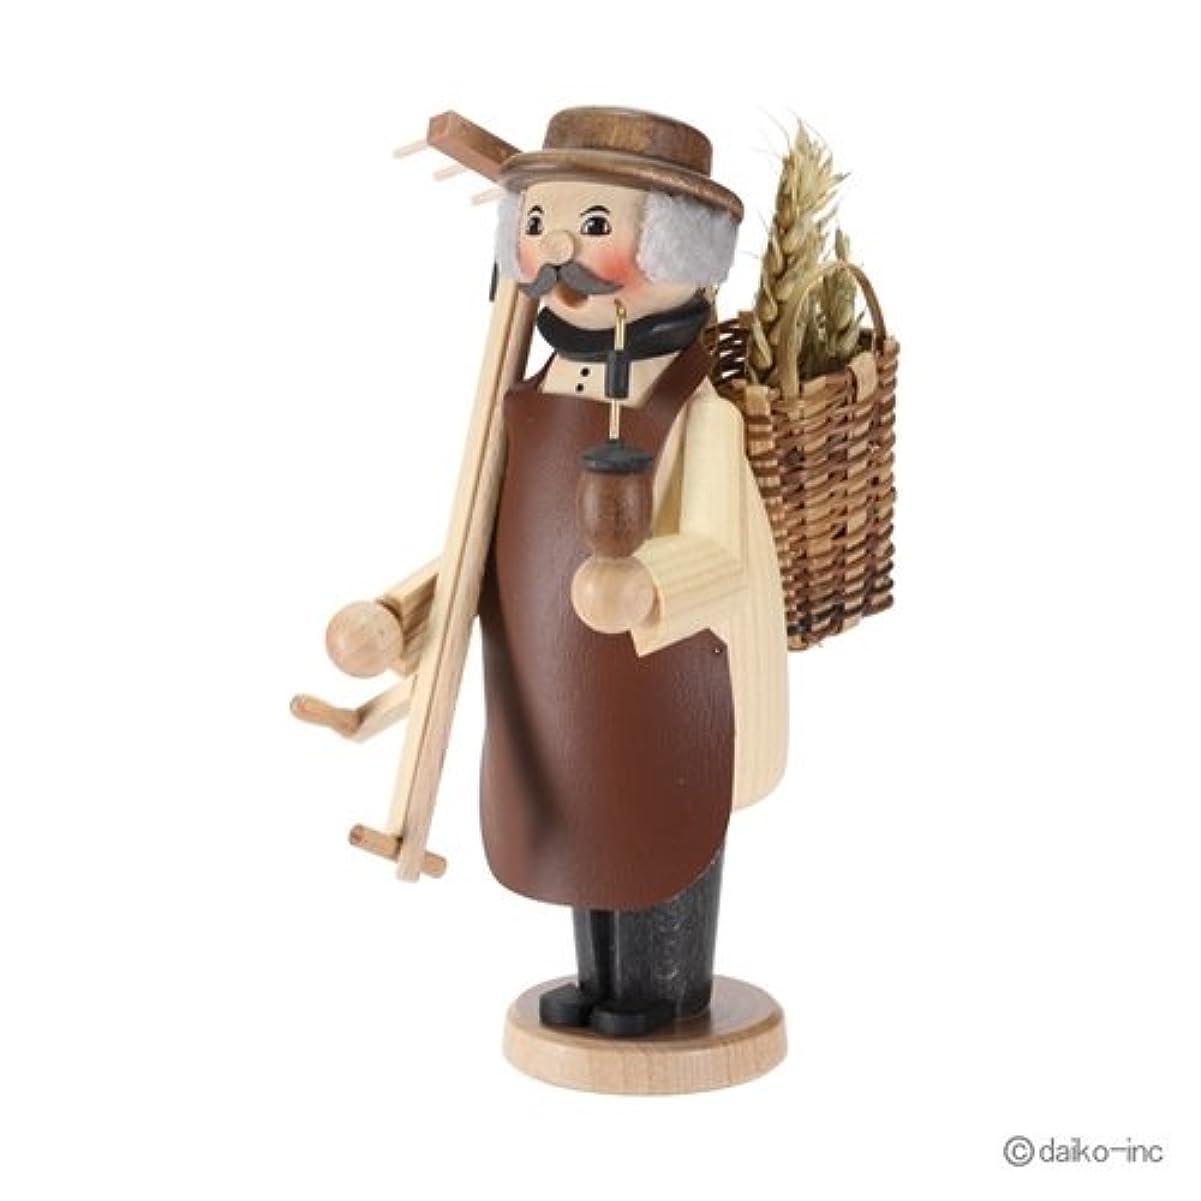 まともなスノーケル耕すクーネルト kuhnert ミニパイプ人形香炉 農夫